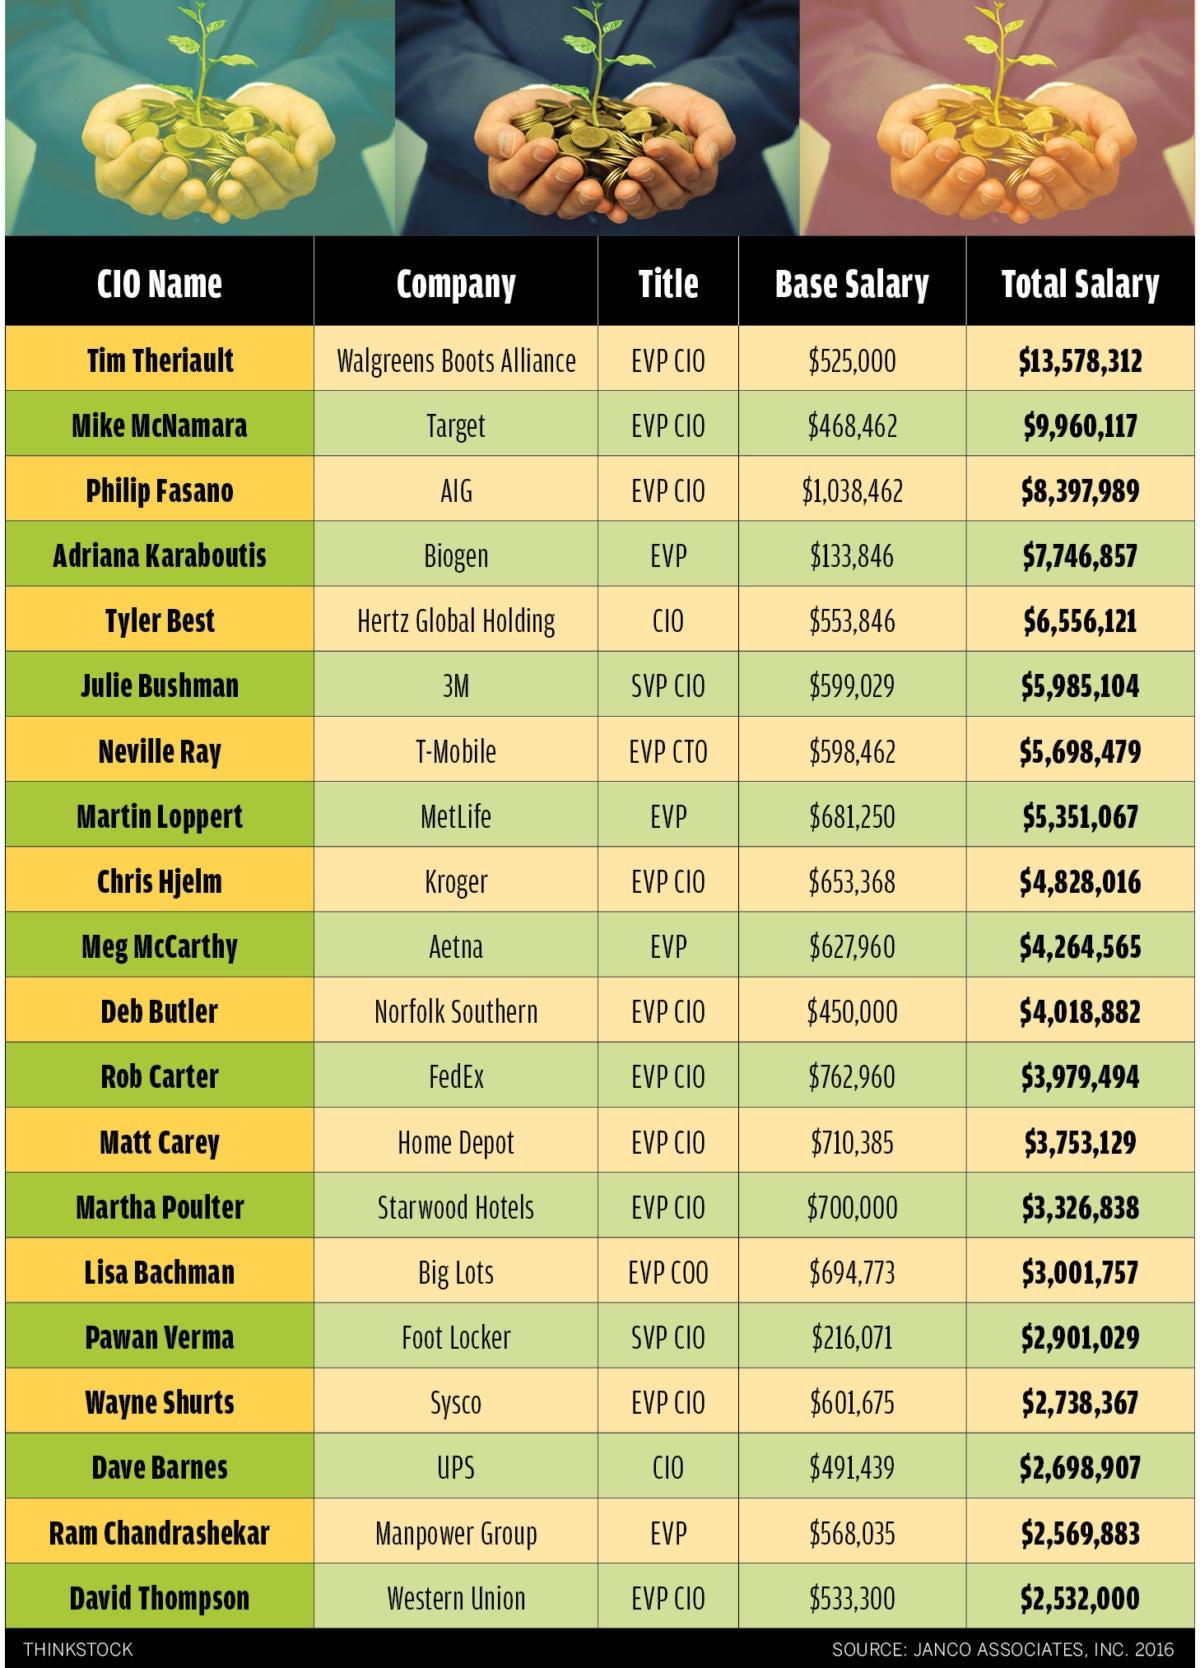 highest paid cio 2016